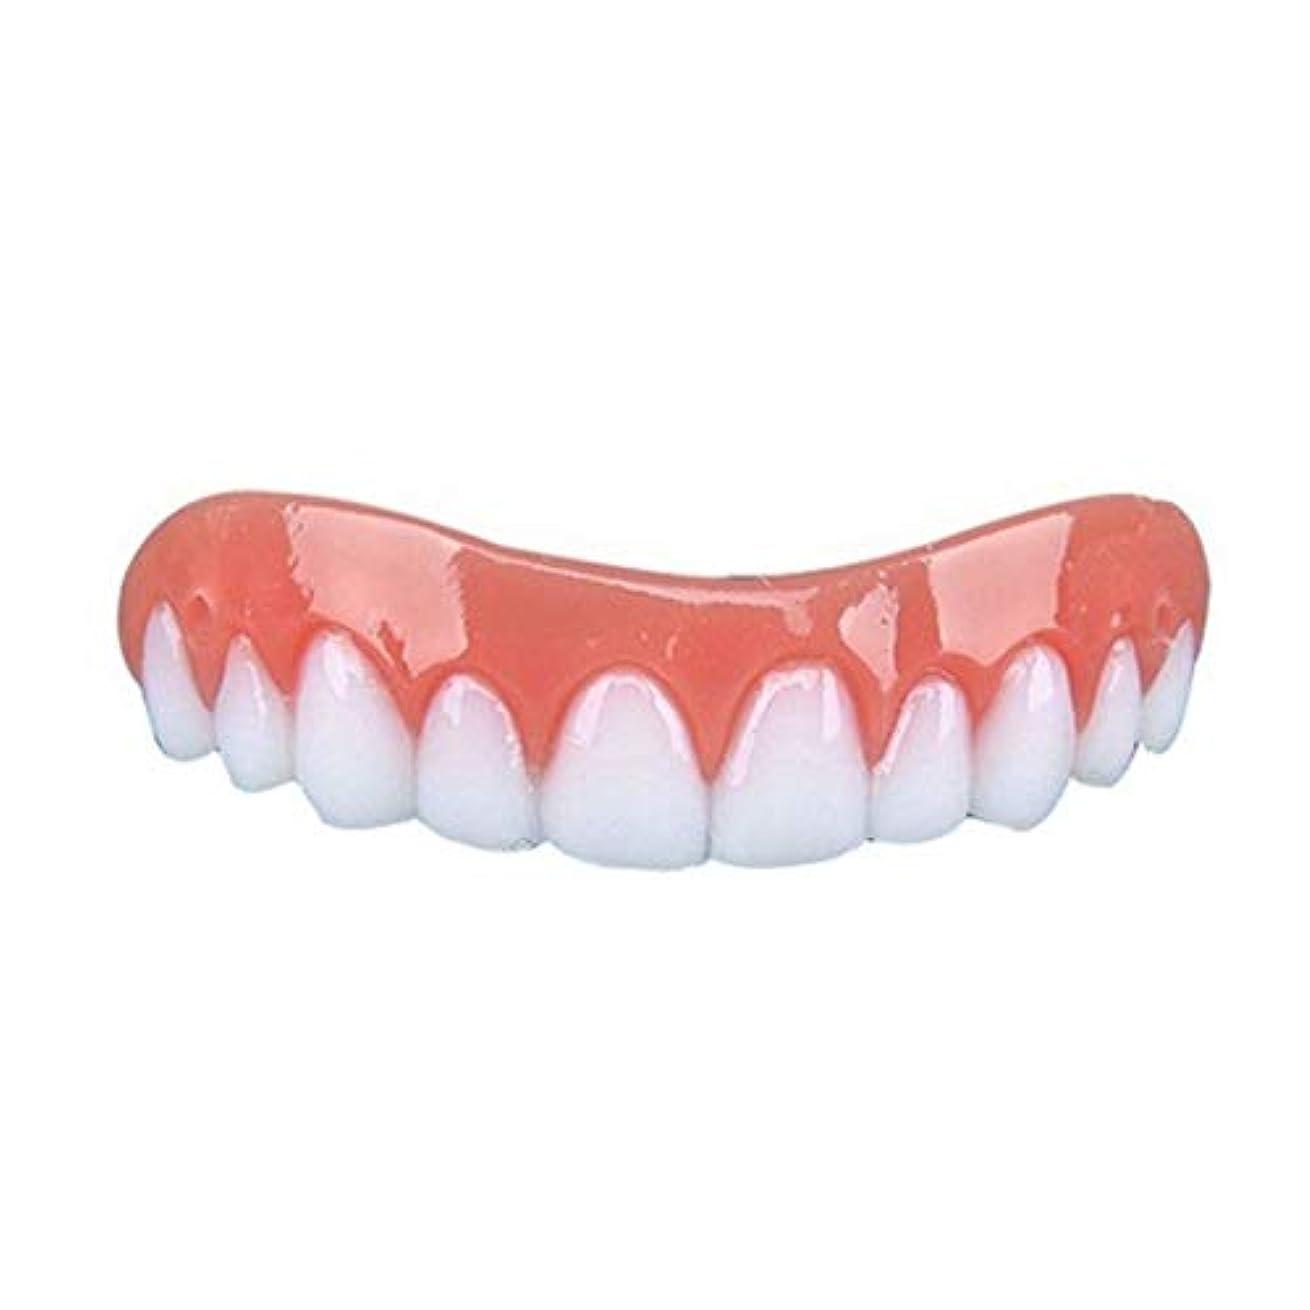 悩む組み立てる伝導Bartram 歯カバー シリコン義歯ペースト 上歯 笑顔を保つ 歯保護 美容用 入れ歯 矯正義歯